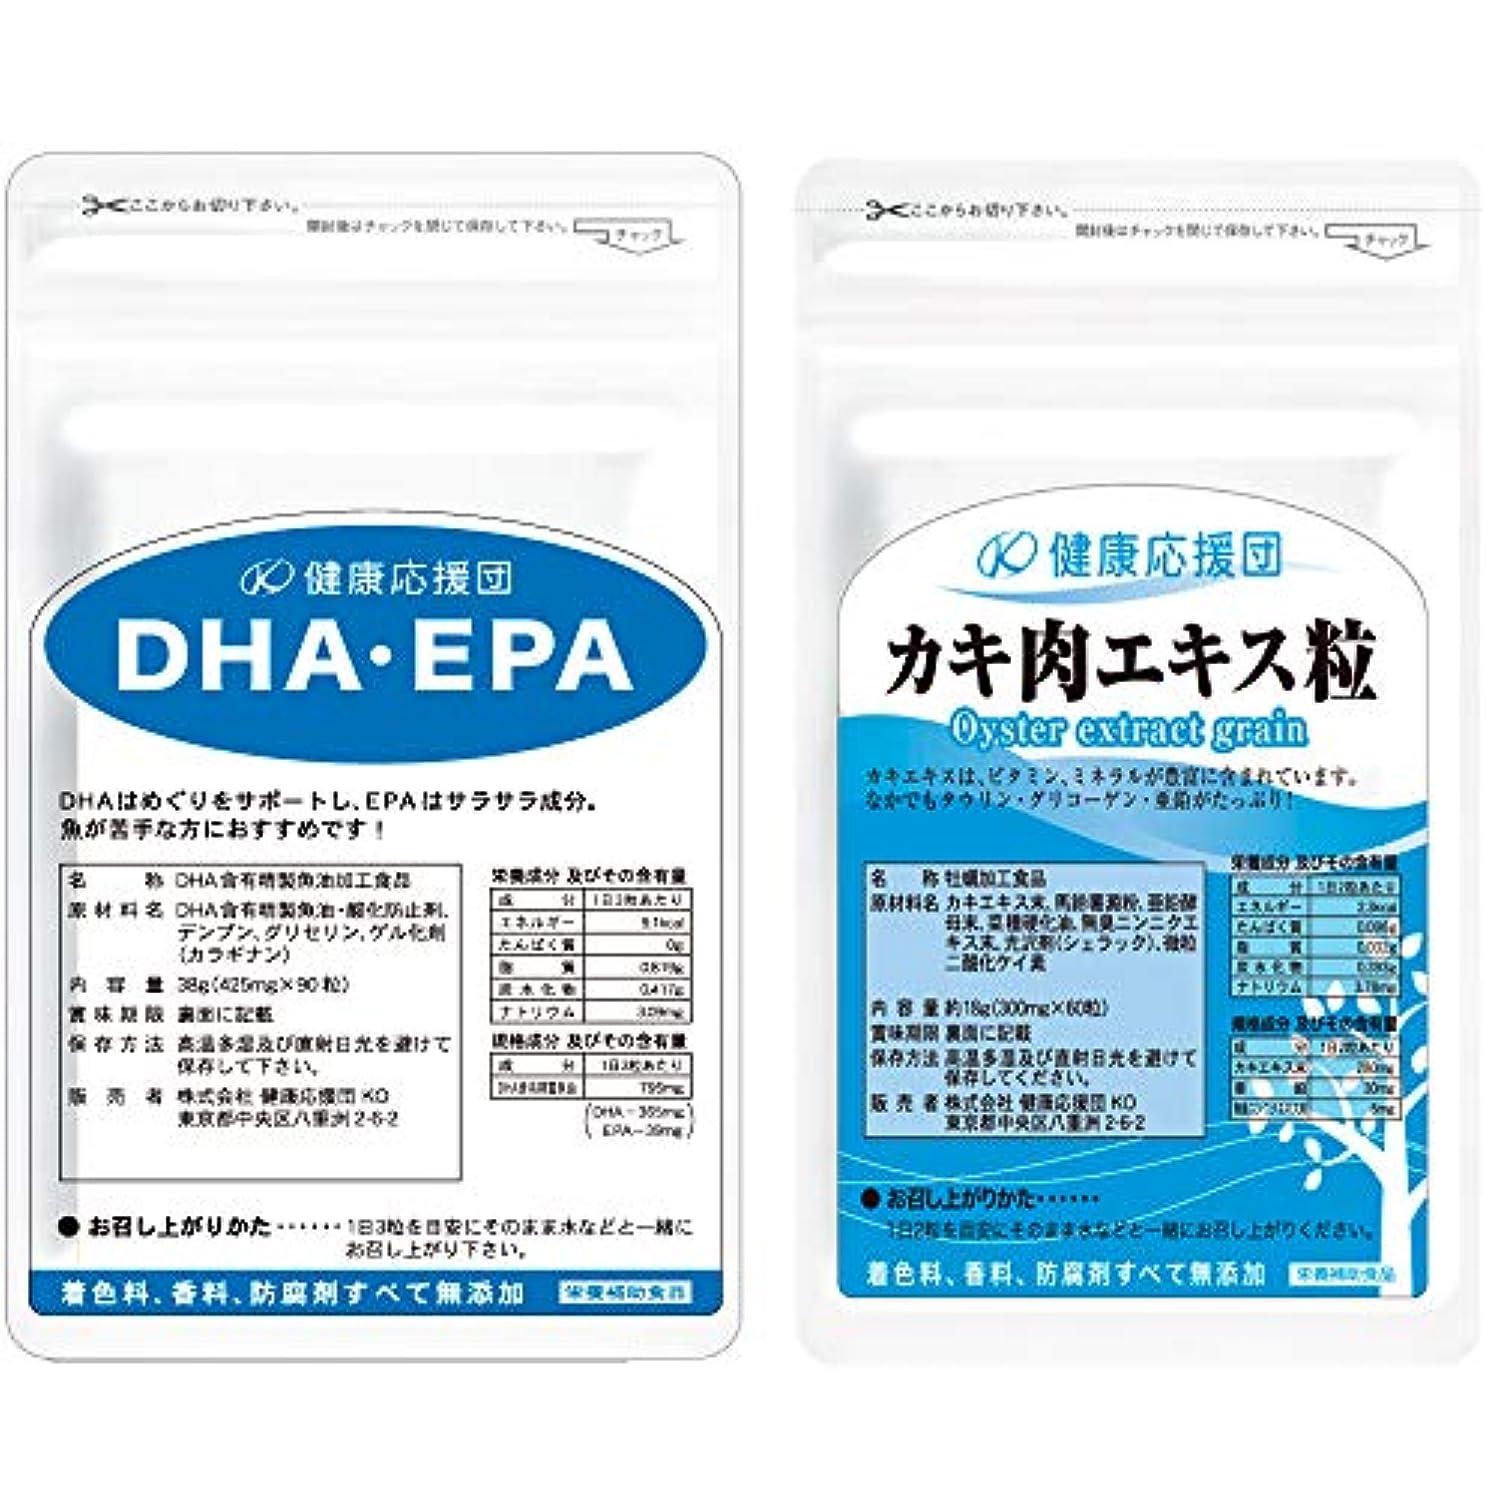 管理者樹木アンプ【DHA?EPA】&【濃縮牡蠣エキス粒】 肝臓の応援セット!肝臓の数値が高めの方にお勧め!